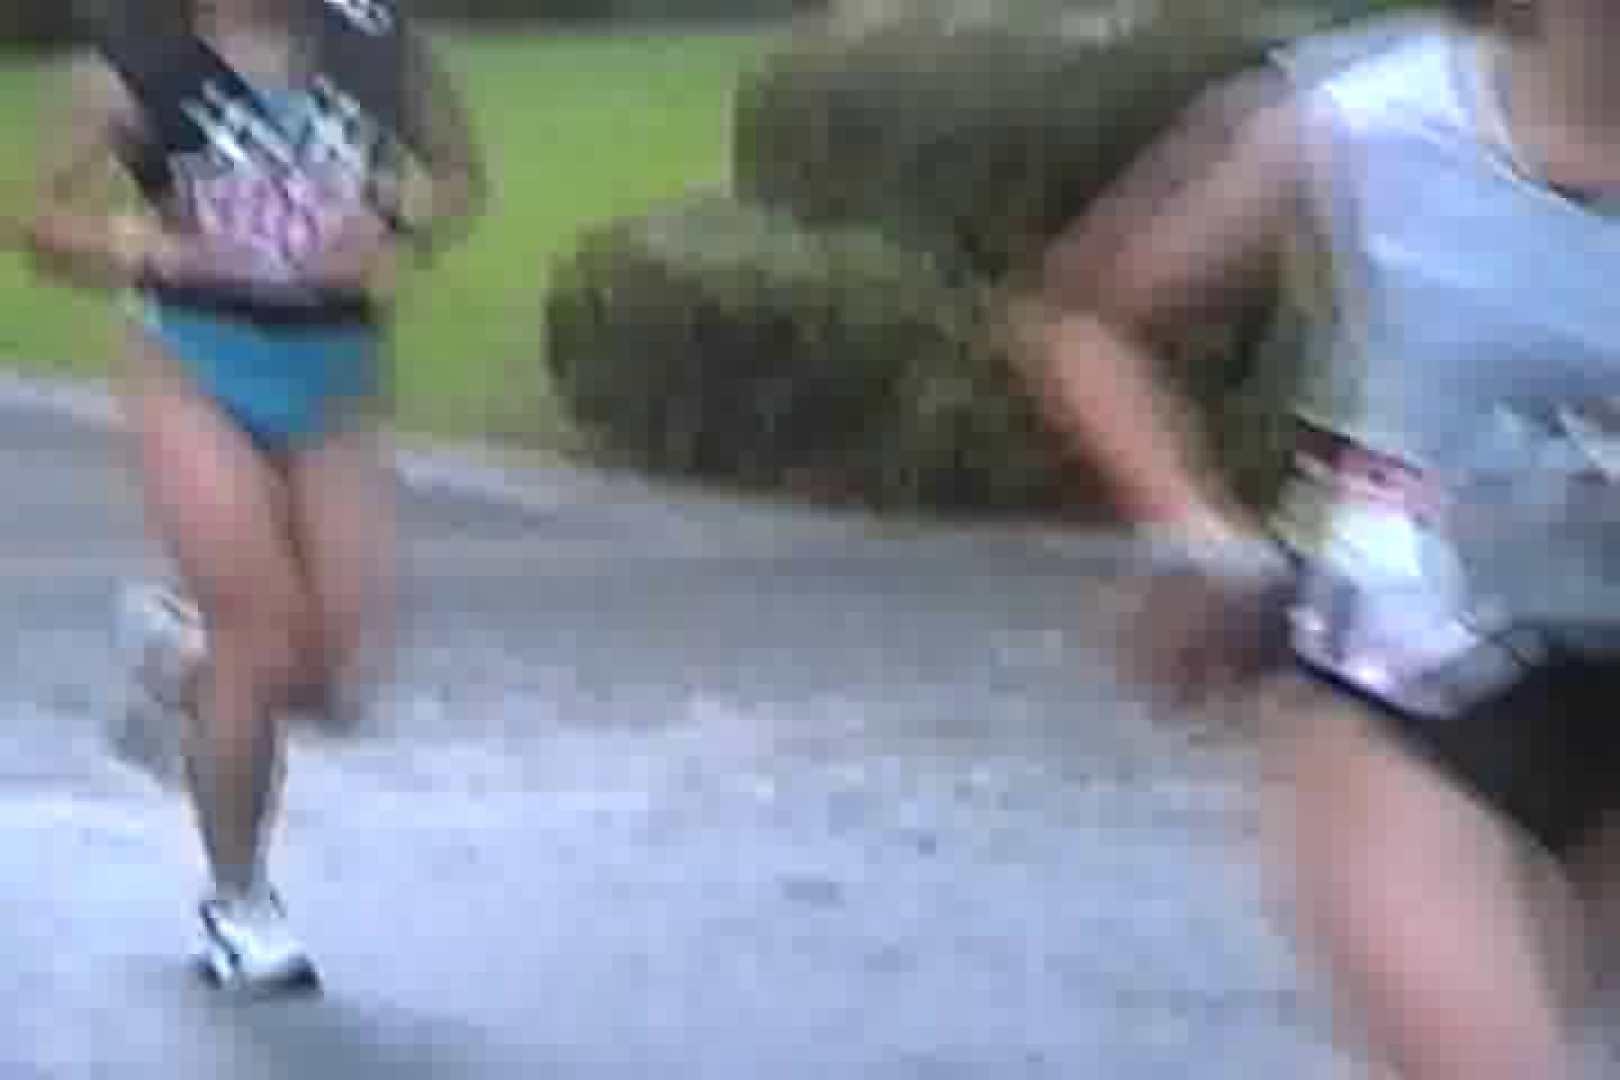 鉄人レース!!トライアスロンに挑む女性達!!Vol.4 貧乳 オマンコ無修正動画無料 56画像 53